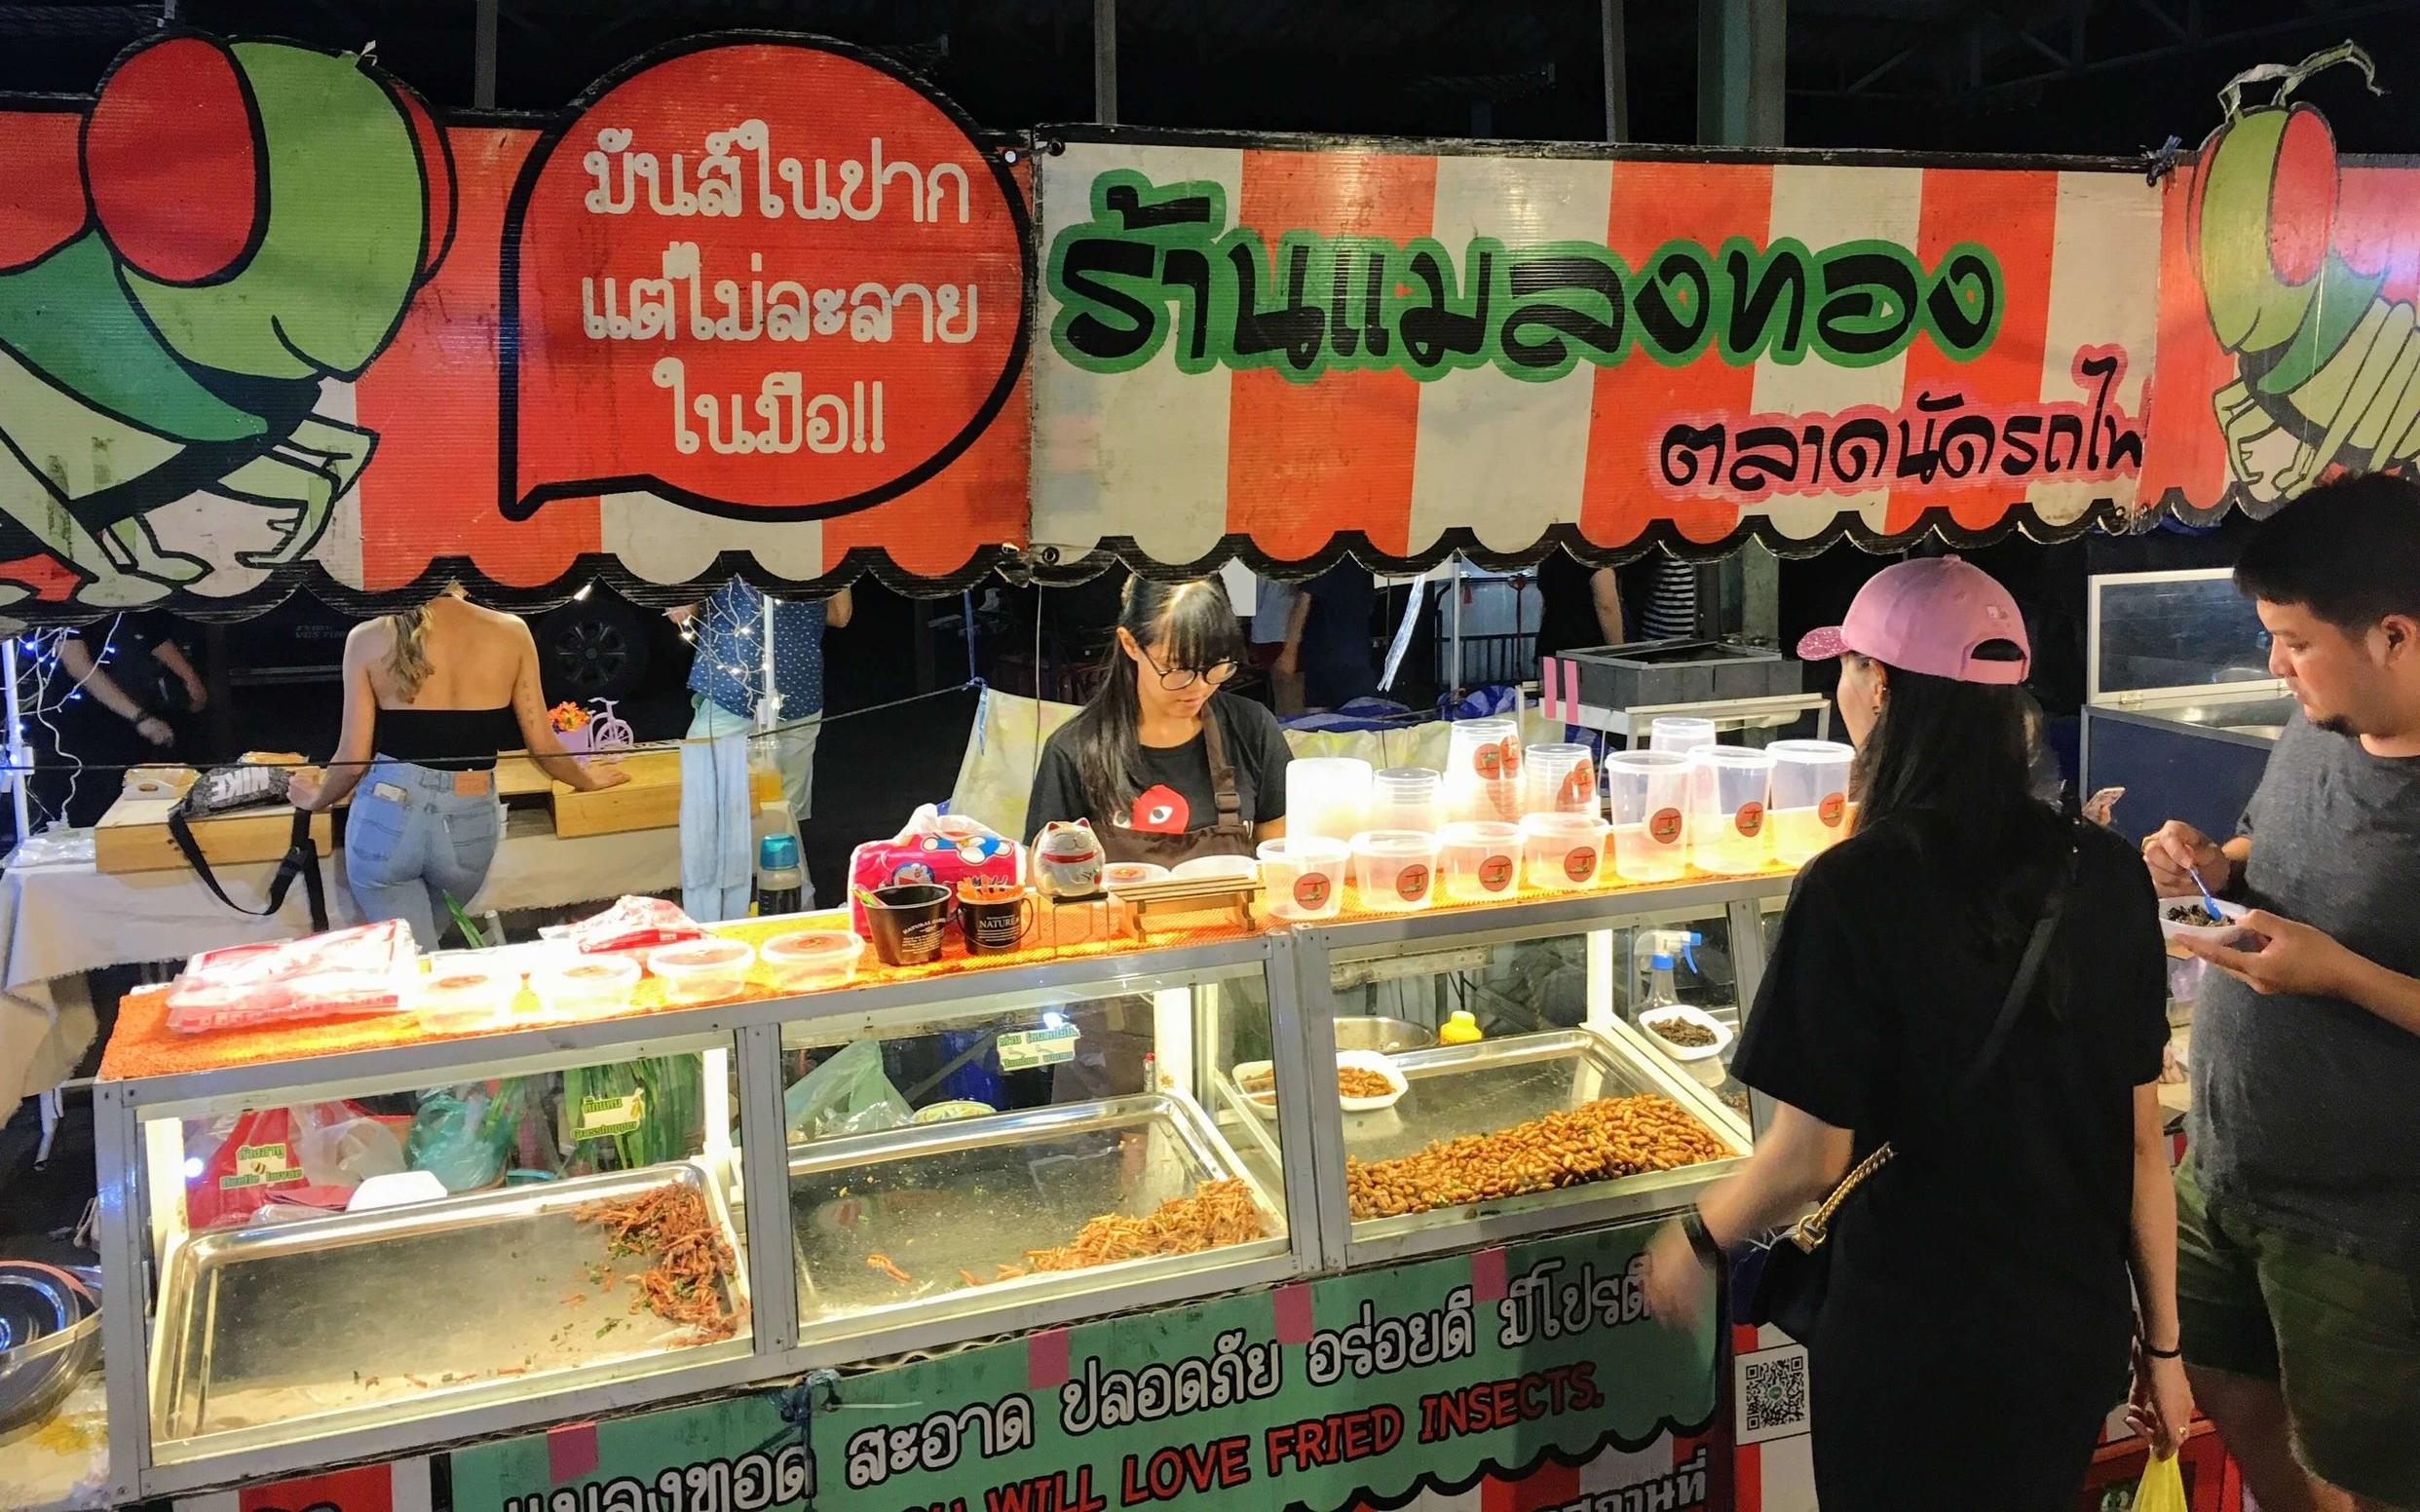 Fried insect vendor at Rod Fai night market in Bangkok.